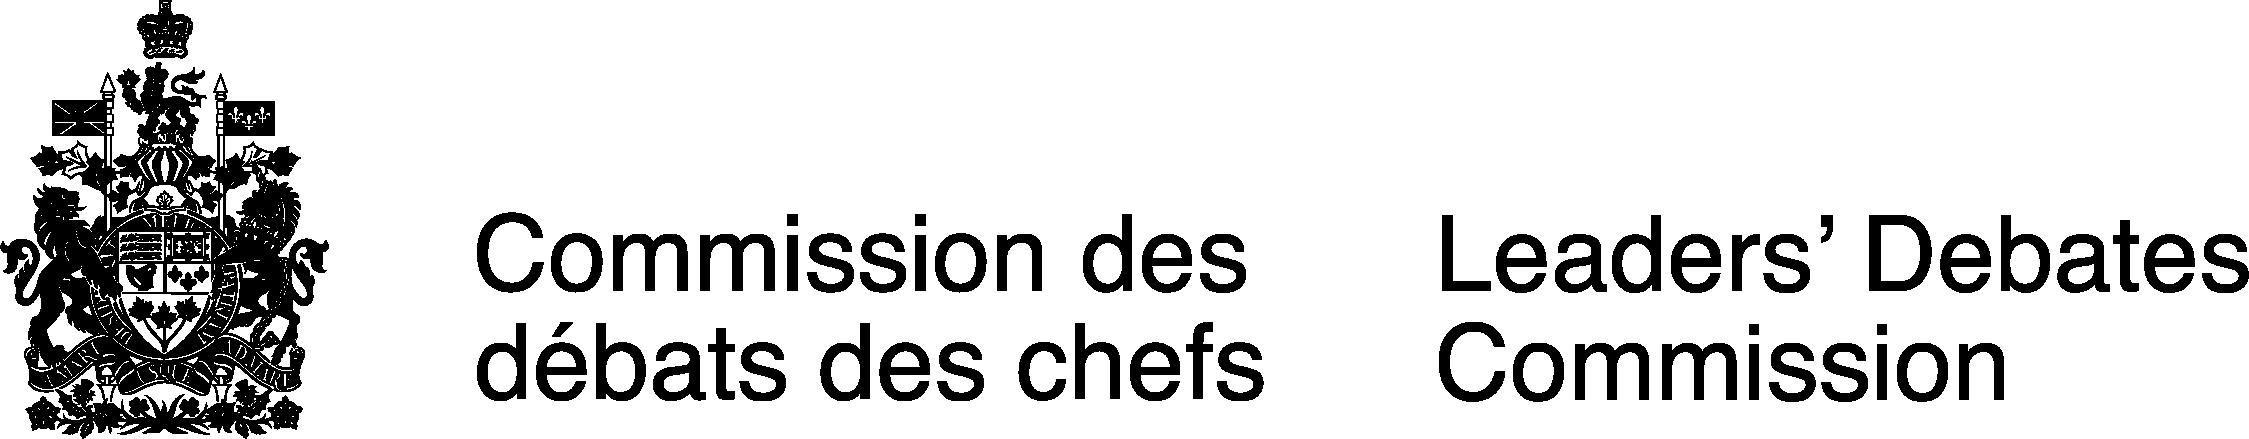 Logo de la Commission des débats des chefs